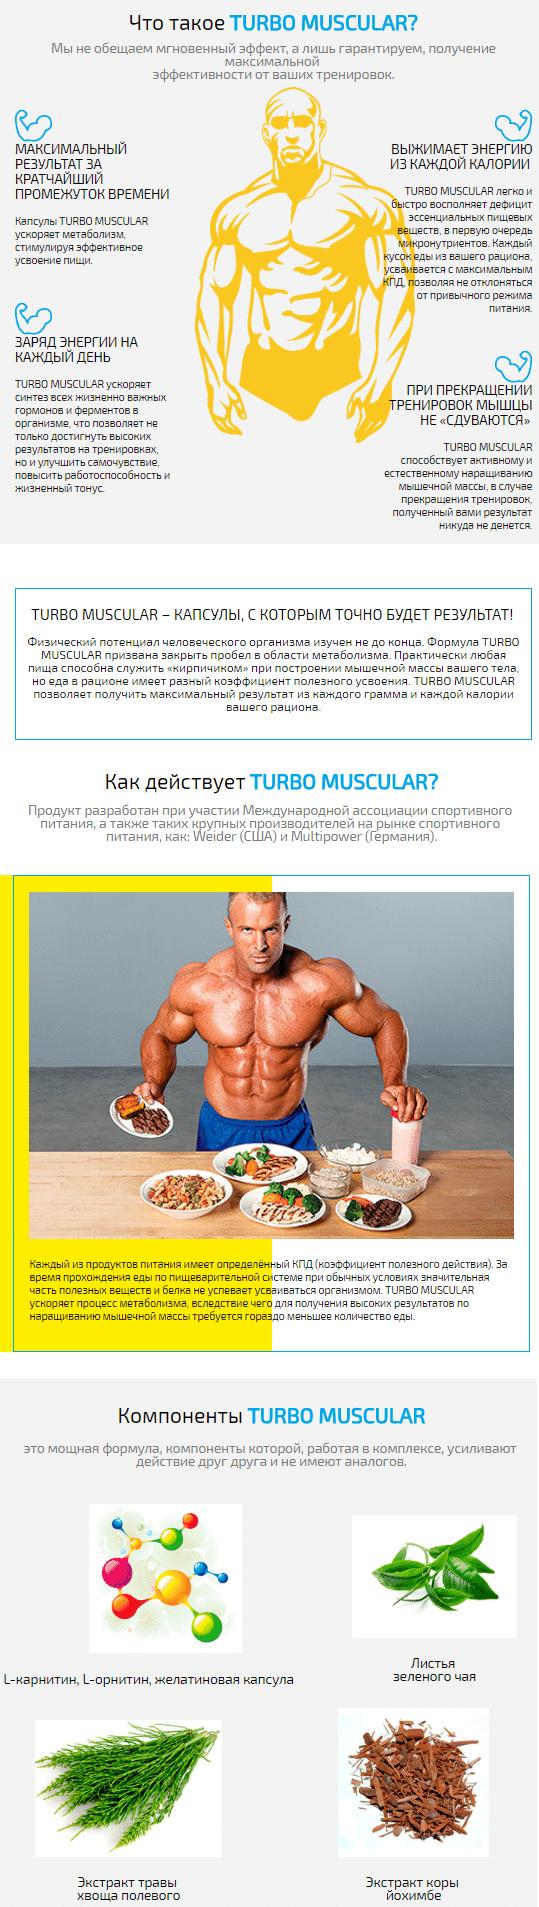 Капсулы с гормоном для роста мышц TurboMuscular купить